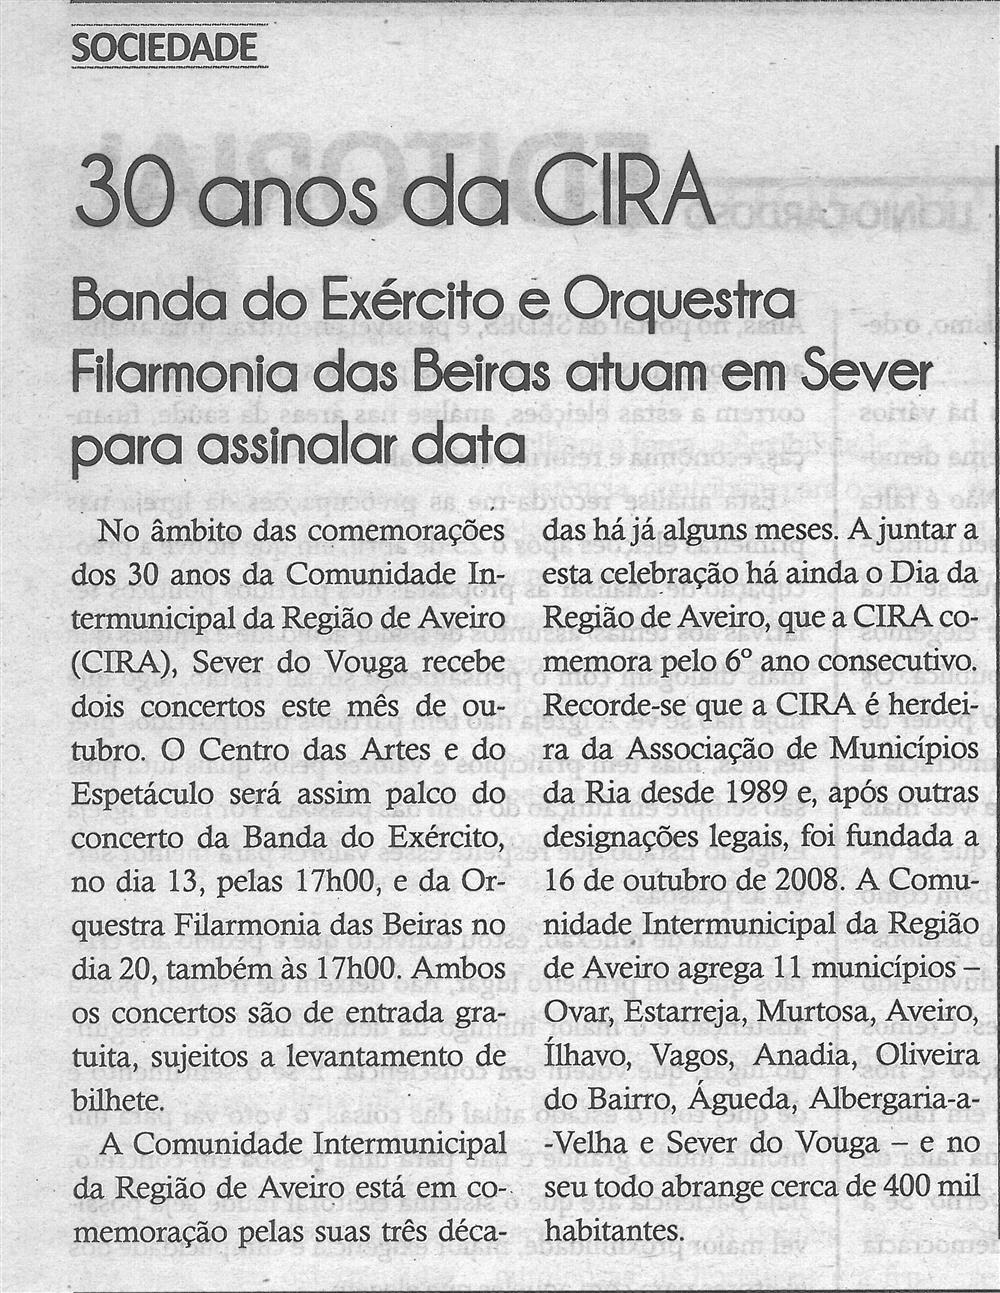 TV-out'19-p.4-30 anos da CIRA : Banda do Exército e Orquestra Filarmónica das Beiras atuam em Sever para assinalar data.jpg